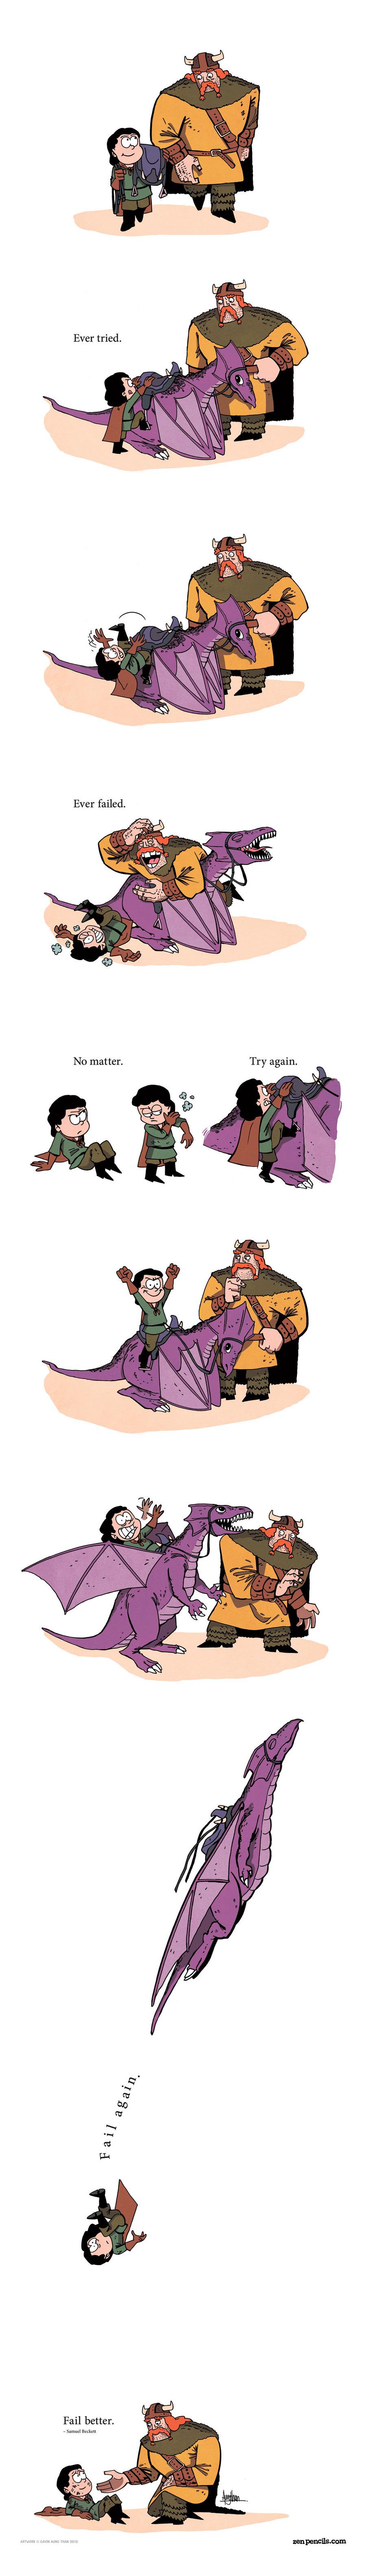 Zen Pencils Comic Strip for April 16, 2018